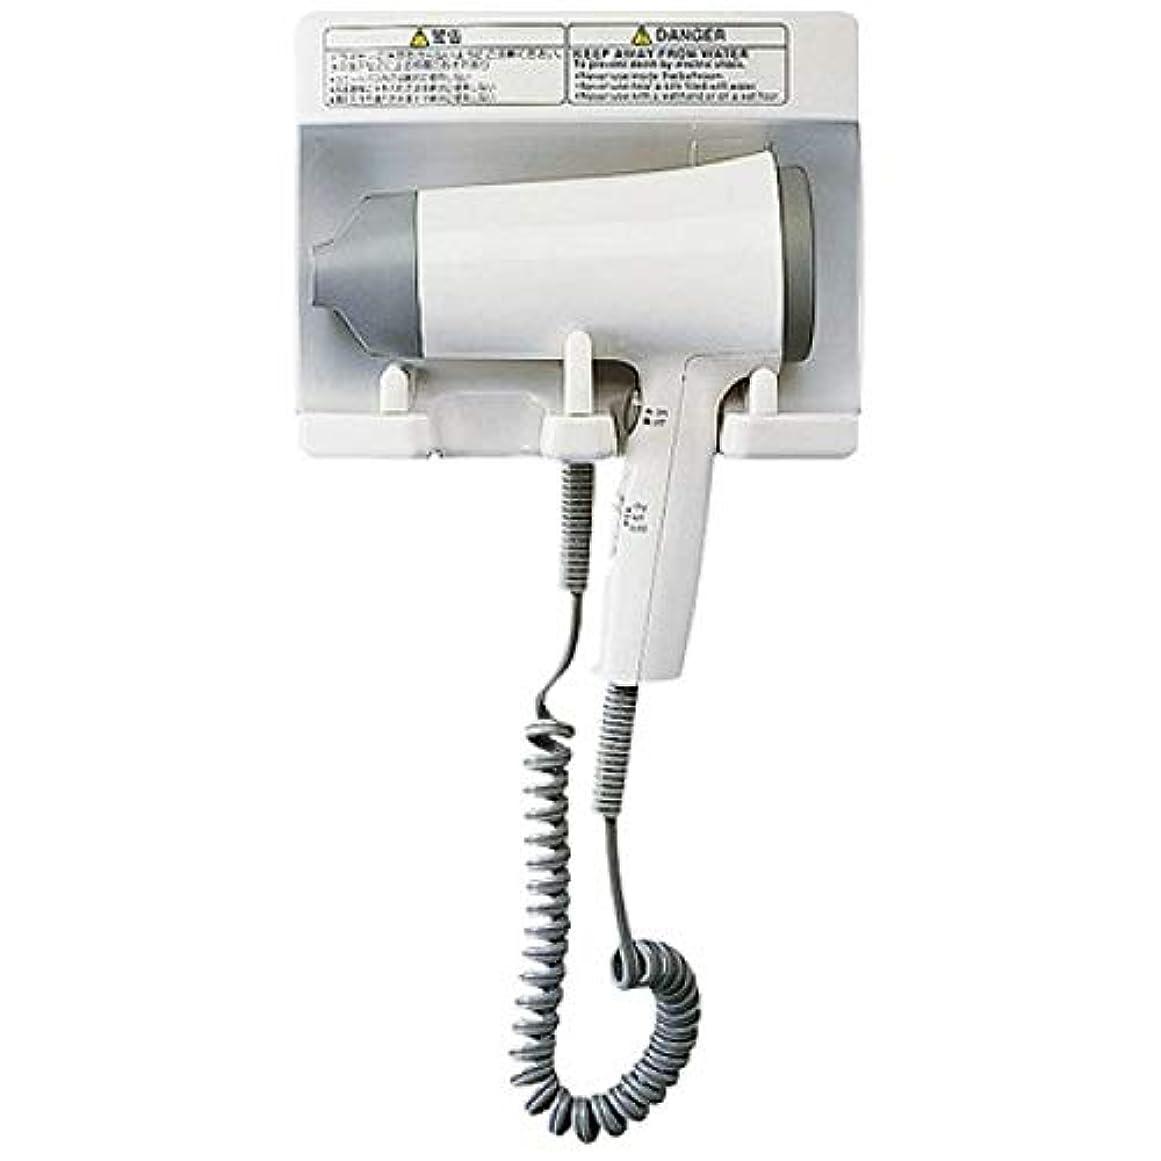 産地装置提供パナソニック(家電) EH5758P-W ホテル個室用ドライヤー[壁面固定タイプ] (白)